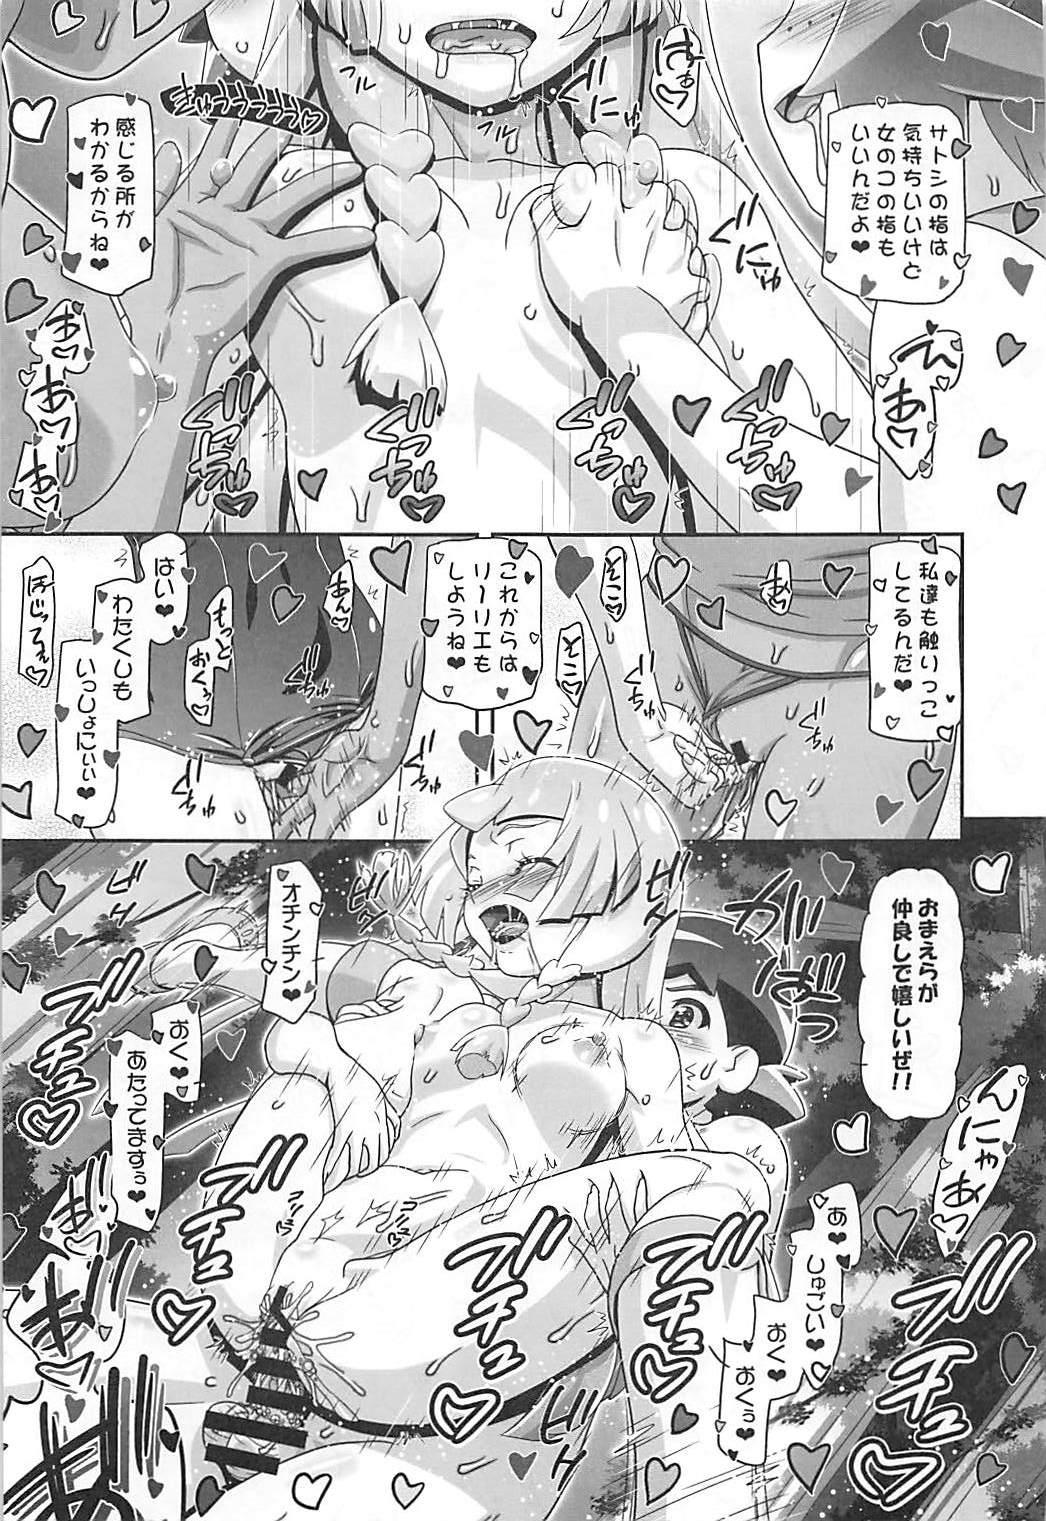 【ポケモン エロ漫画・エロ同人】ノーパンのリーリエがサトシと青姦してたらそれをオカズにオナニーをするスイレンとマオの露出狂タイプwwww (14)